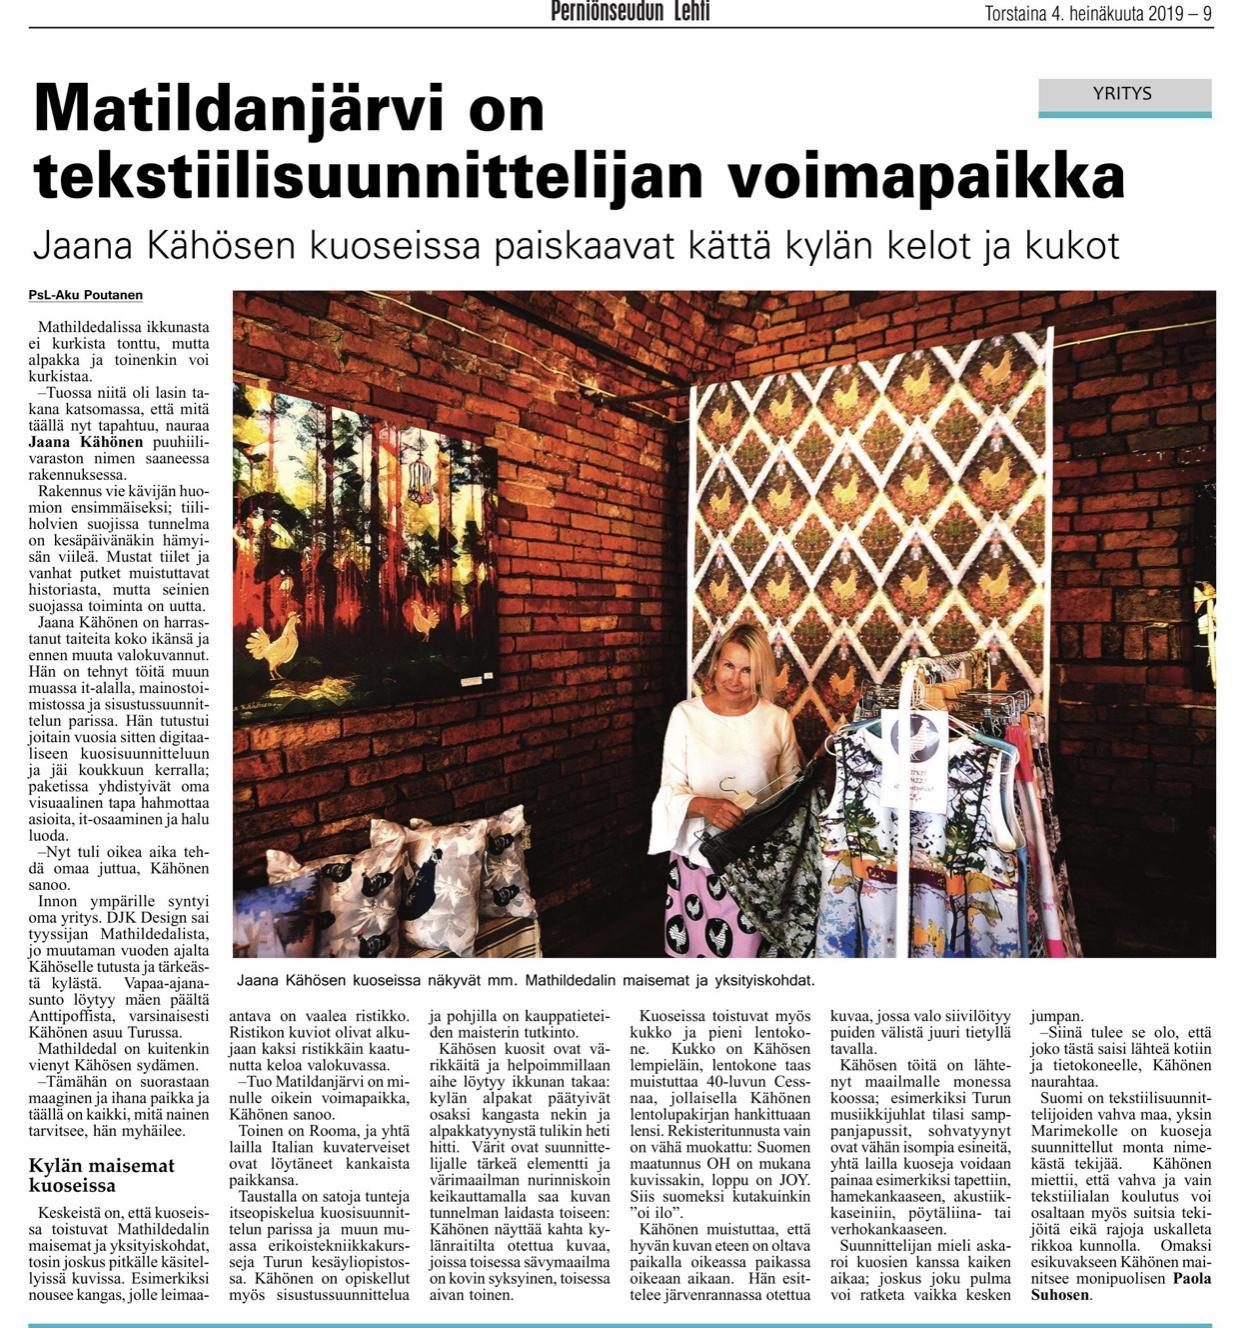 DJK juttu Perniönseudun Lehdessä 4.7.19 kertoo Jaana Kähösen kuoseista sekä PopUpista Mathildedalissa